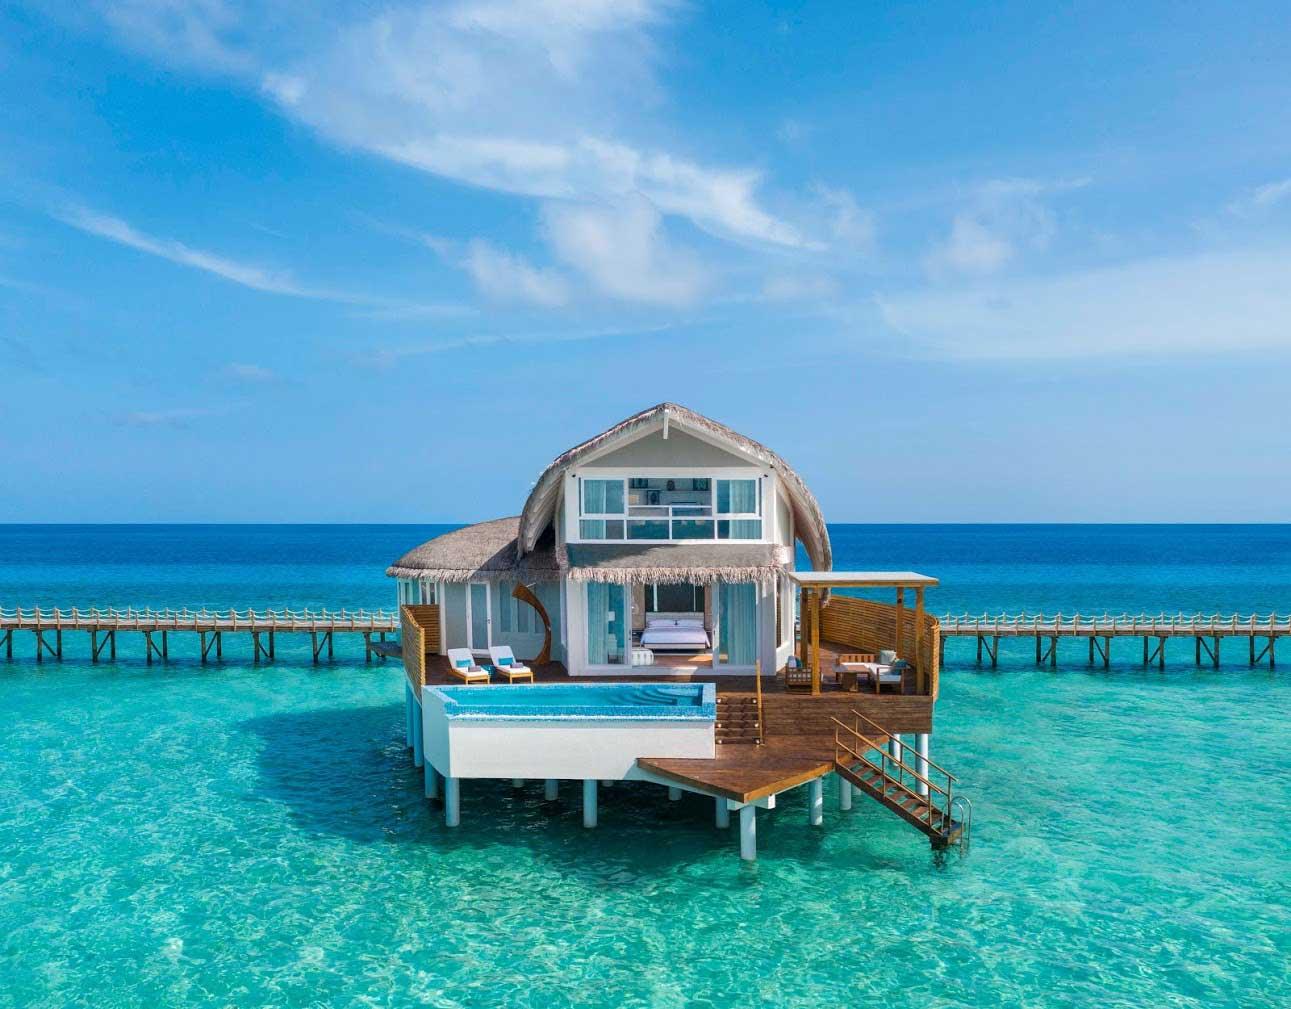 اجمل شاطئ في العالم 4